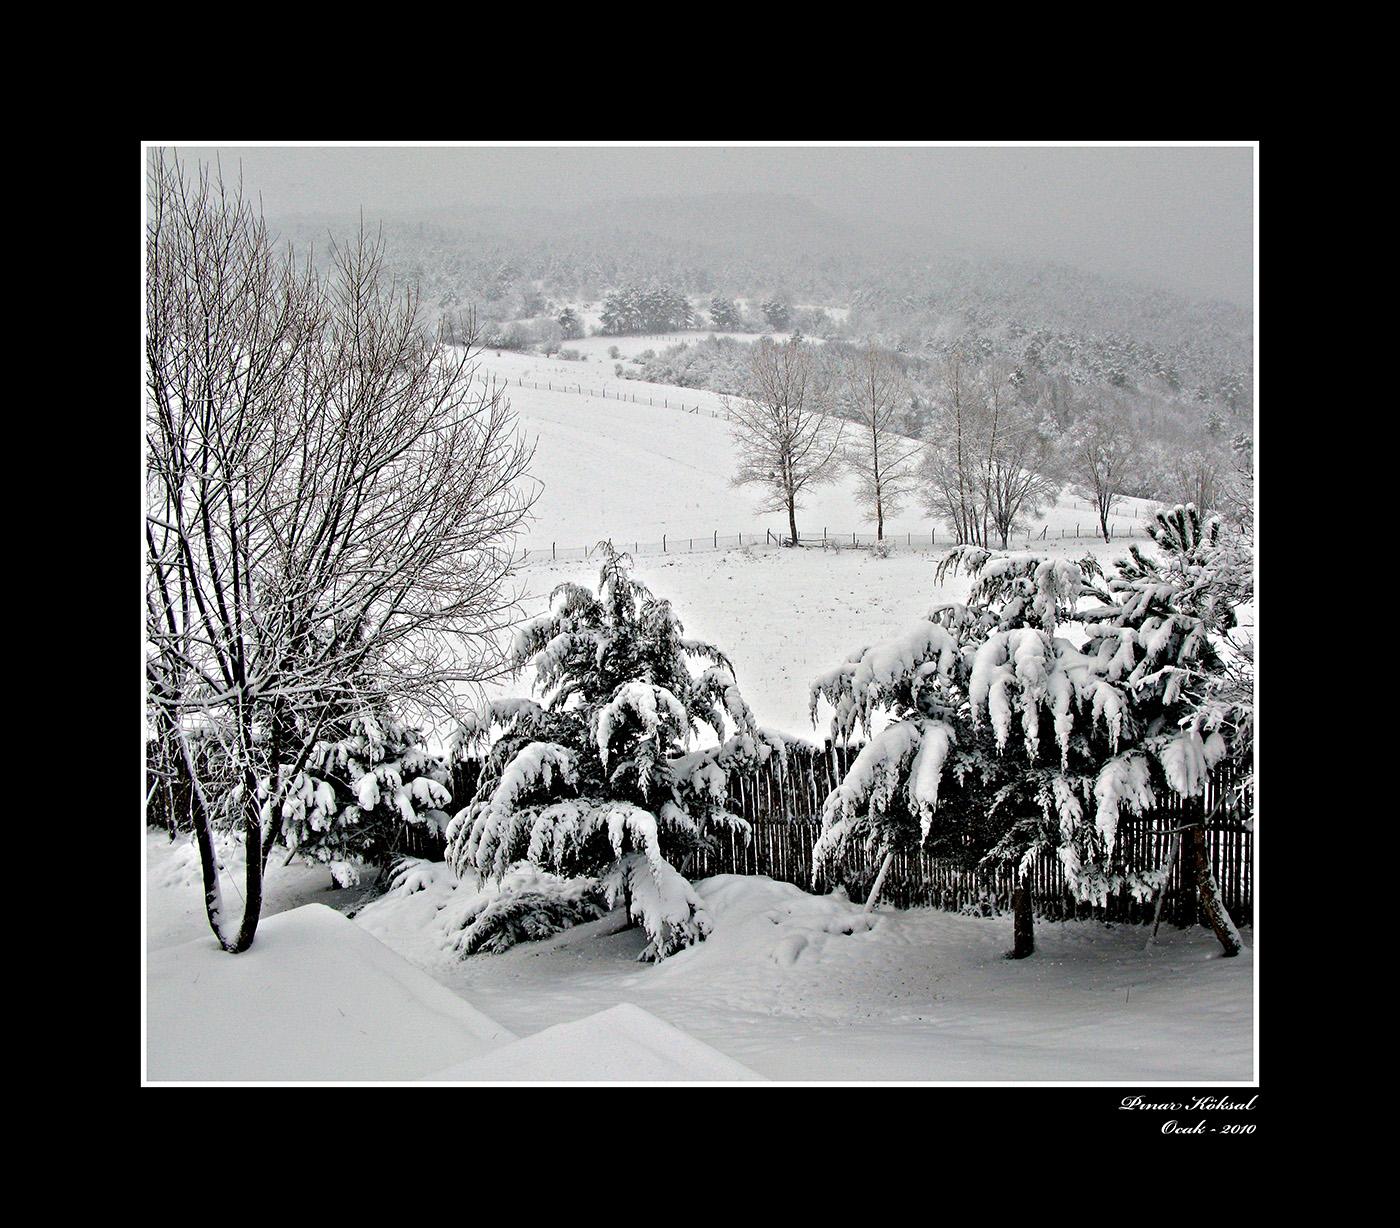 Bahçemde Kış-2, Gövem Köyü, Bolu, Ocak 2010